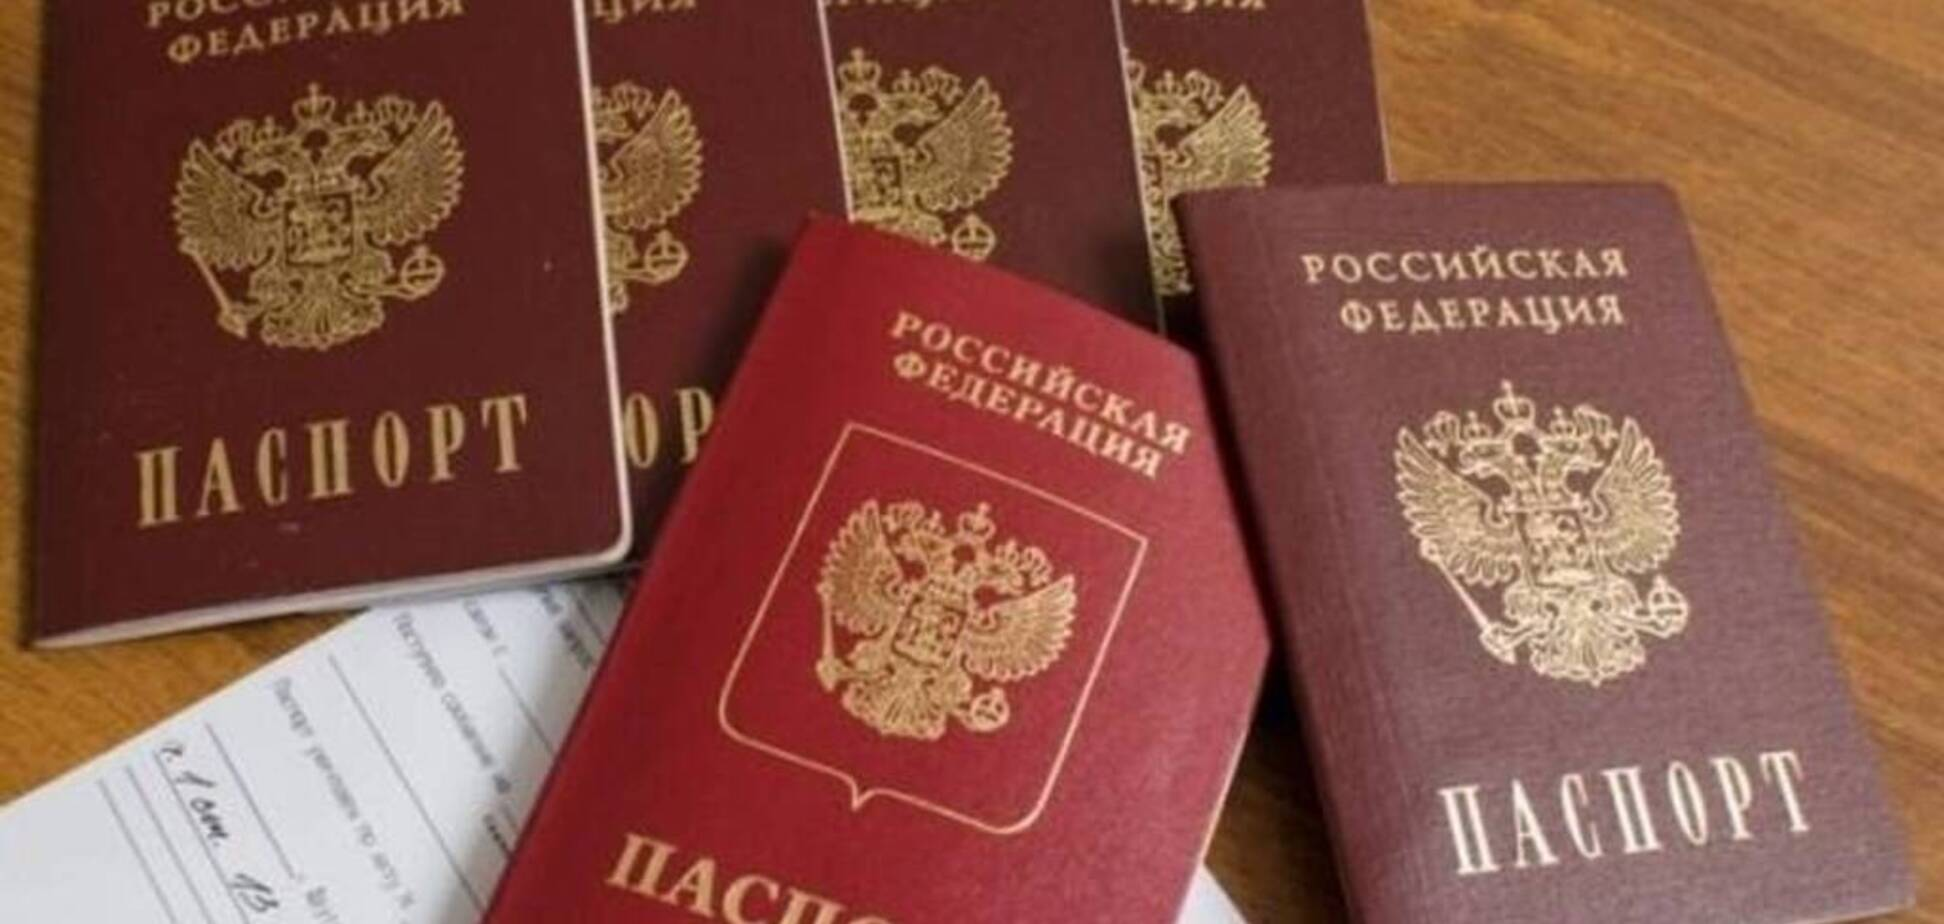 Путин огребет еще кучу санкций: Россия гадит бумажным способом